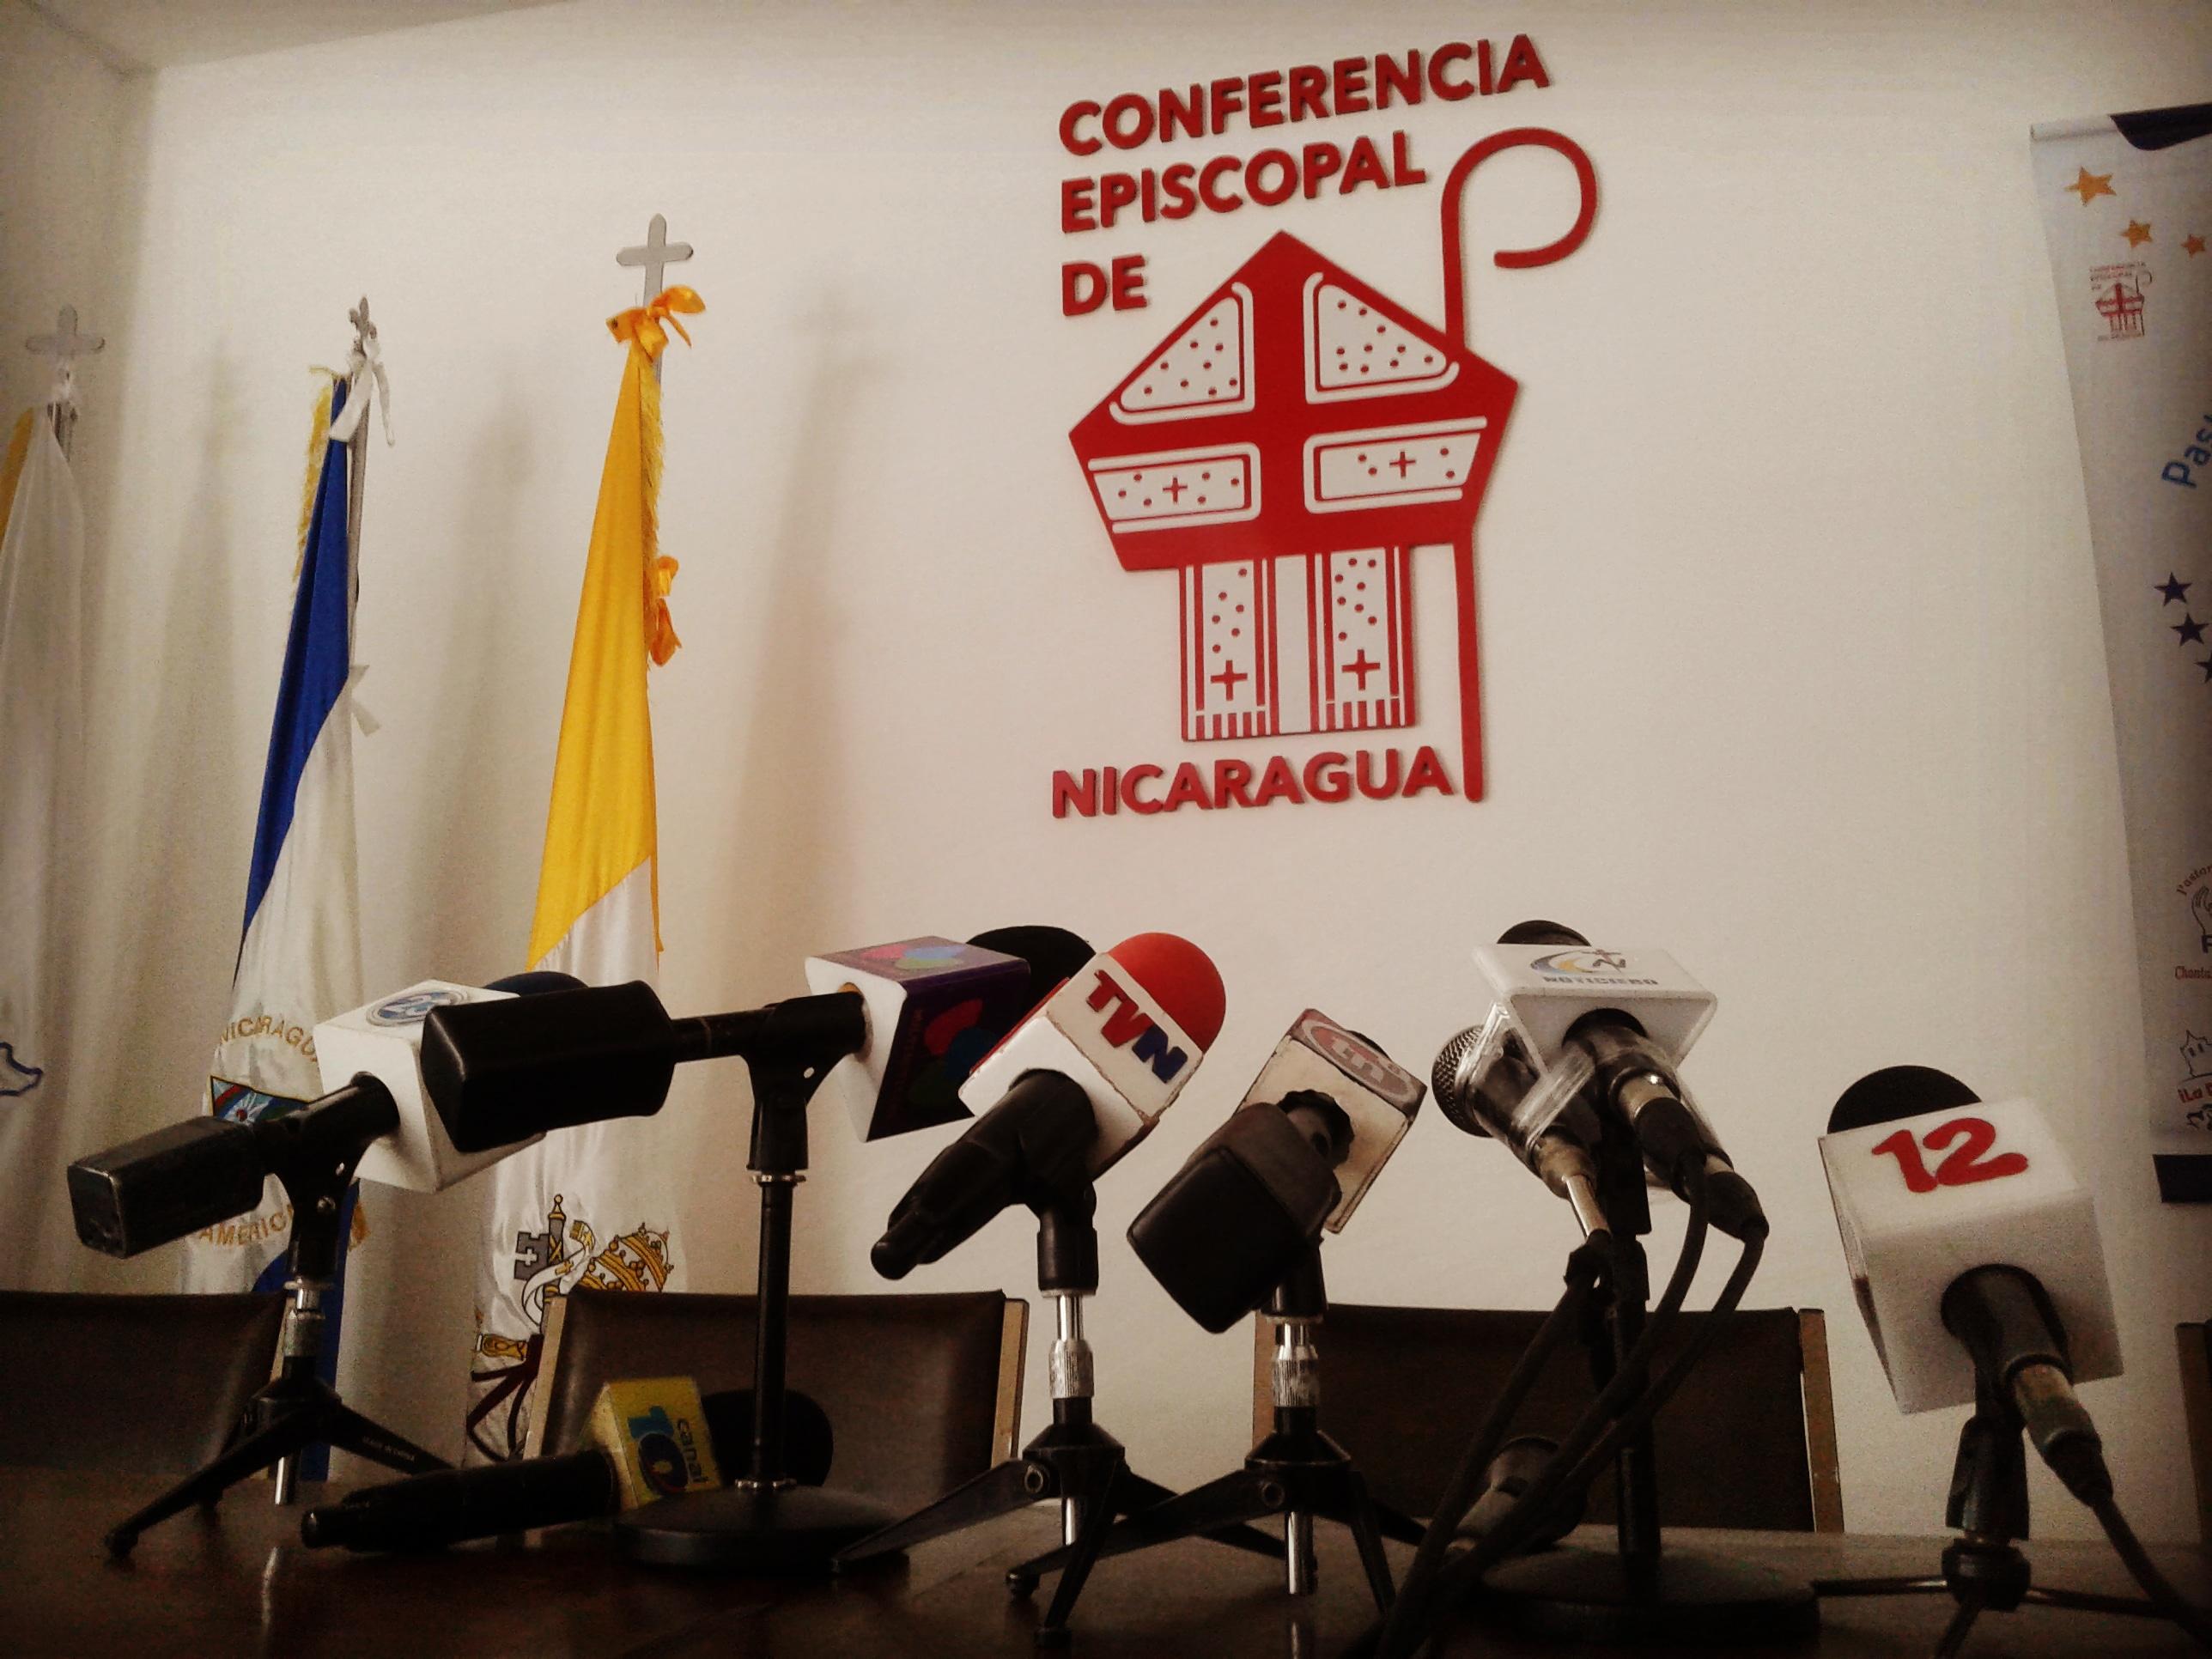 El régimen orteguista acosa a la prensa católica nicaragüense. Foto/Cortesía